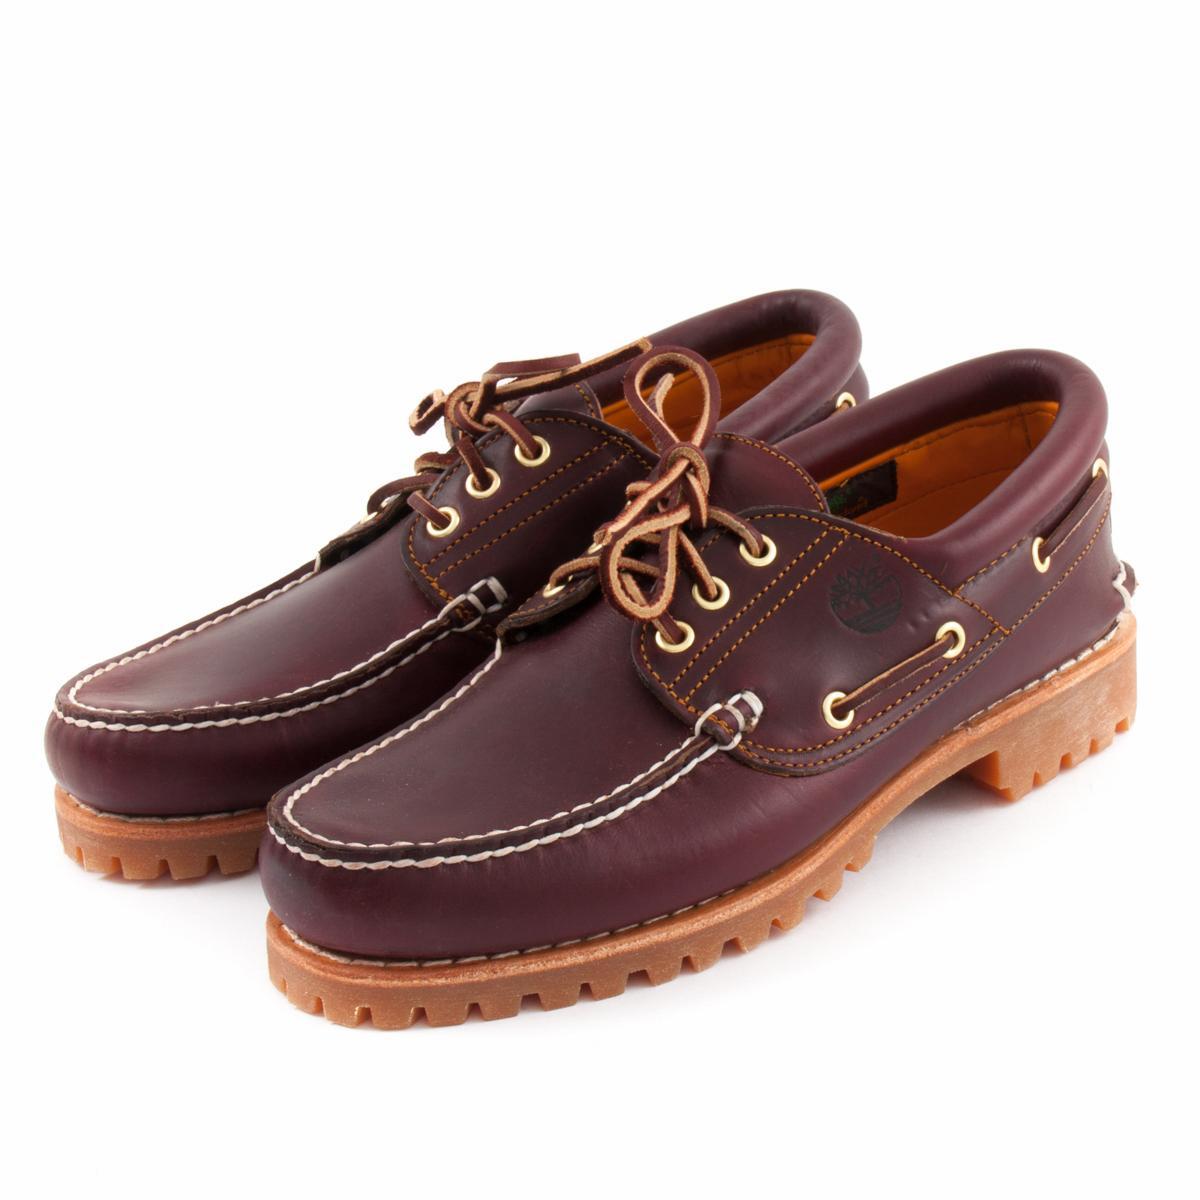 na sprzedaż online sprzedawca detaliczny oficjalny sklep Boat Shoes TIMBERLAND 50009 3-Eye Classic Lug Burgundy